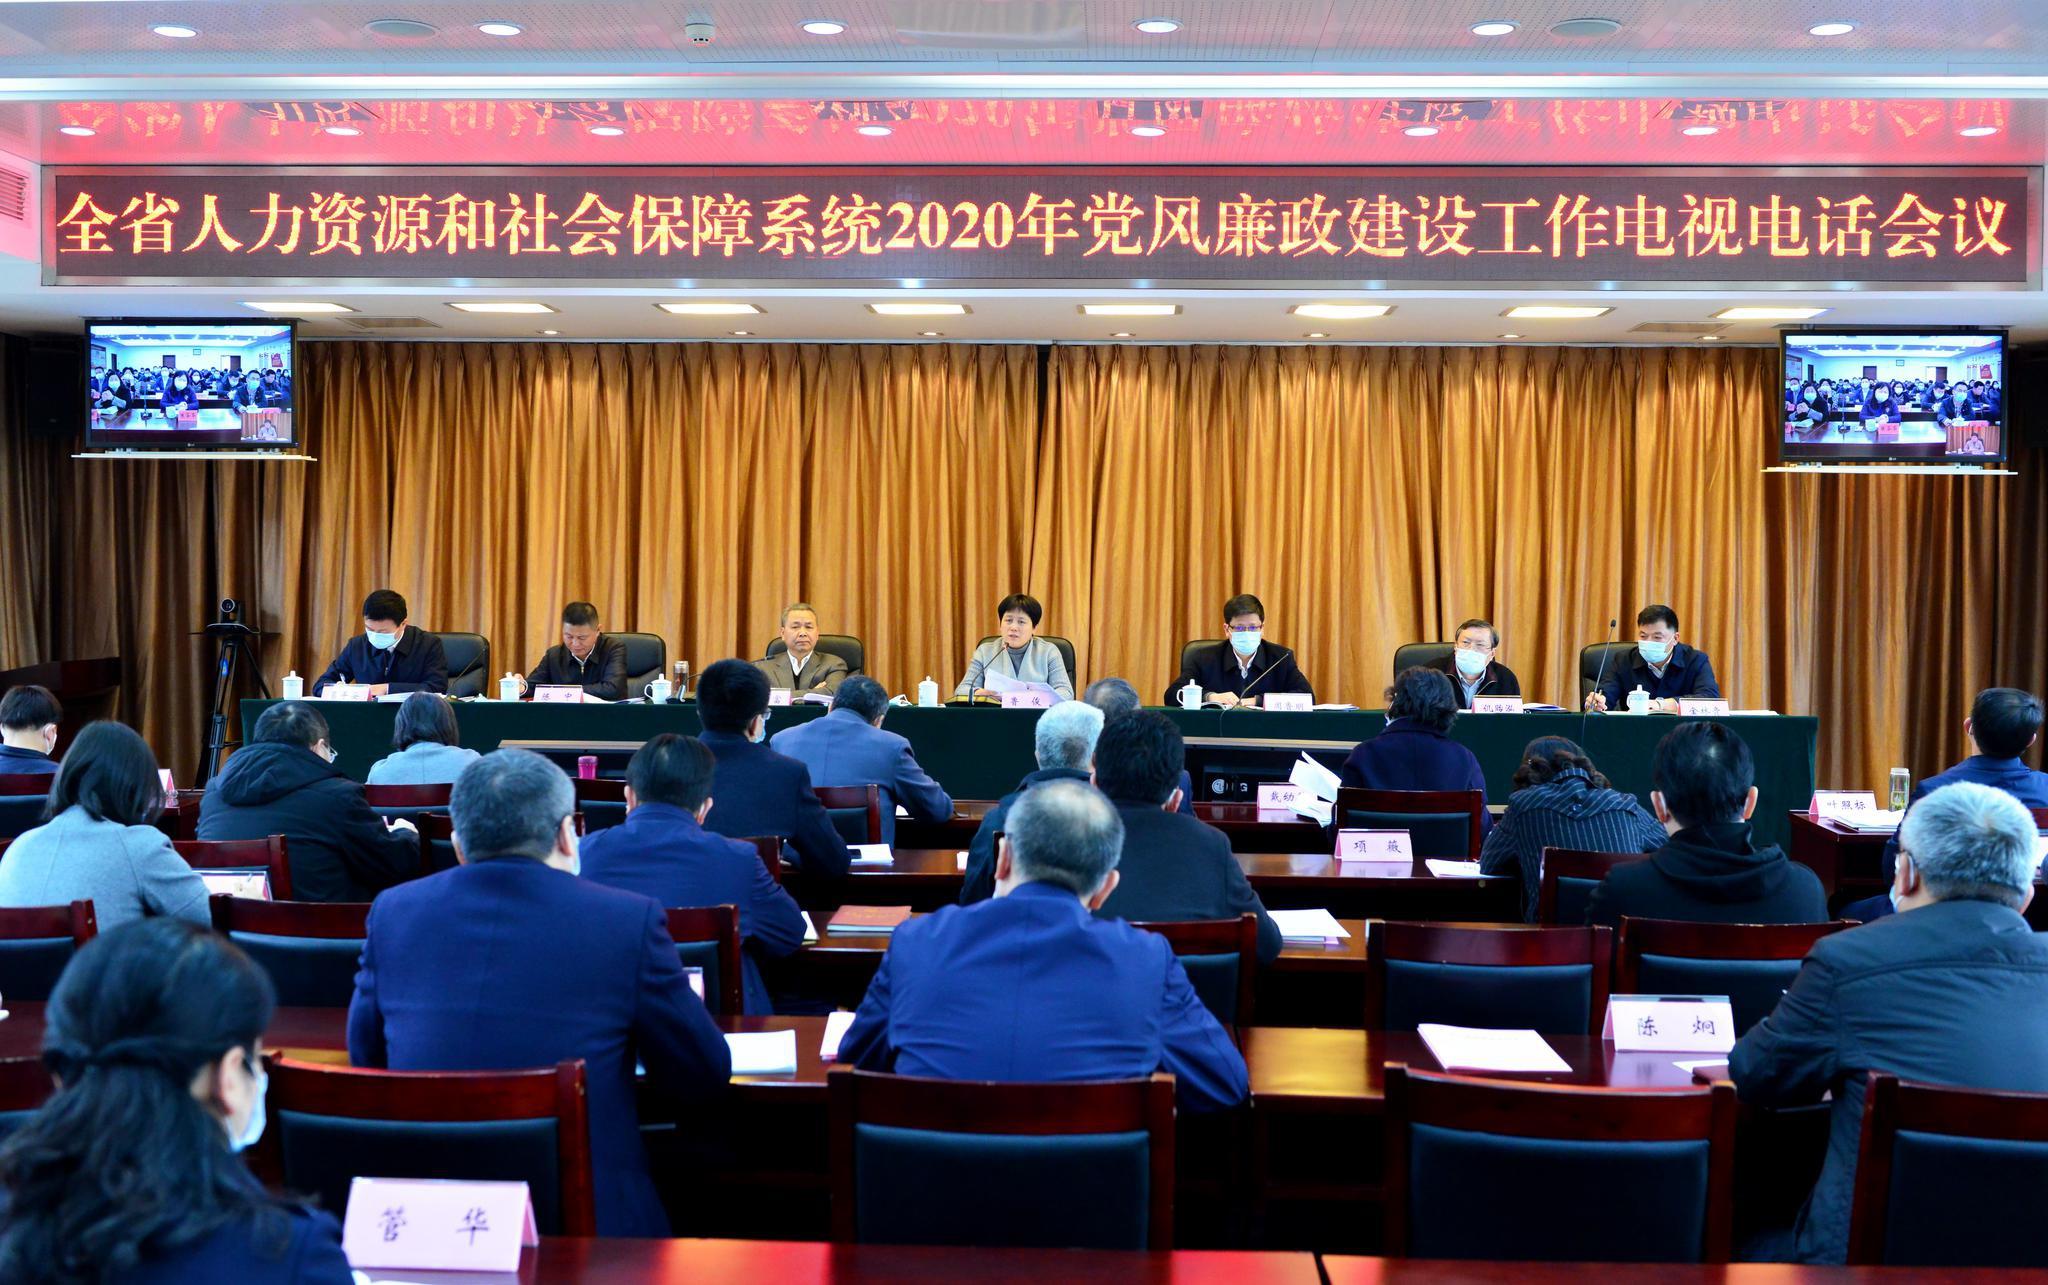 全省人力资源和社会保障系统2020年党风廉政建设工作电视电话会议在杭州召开图片